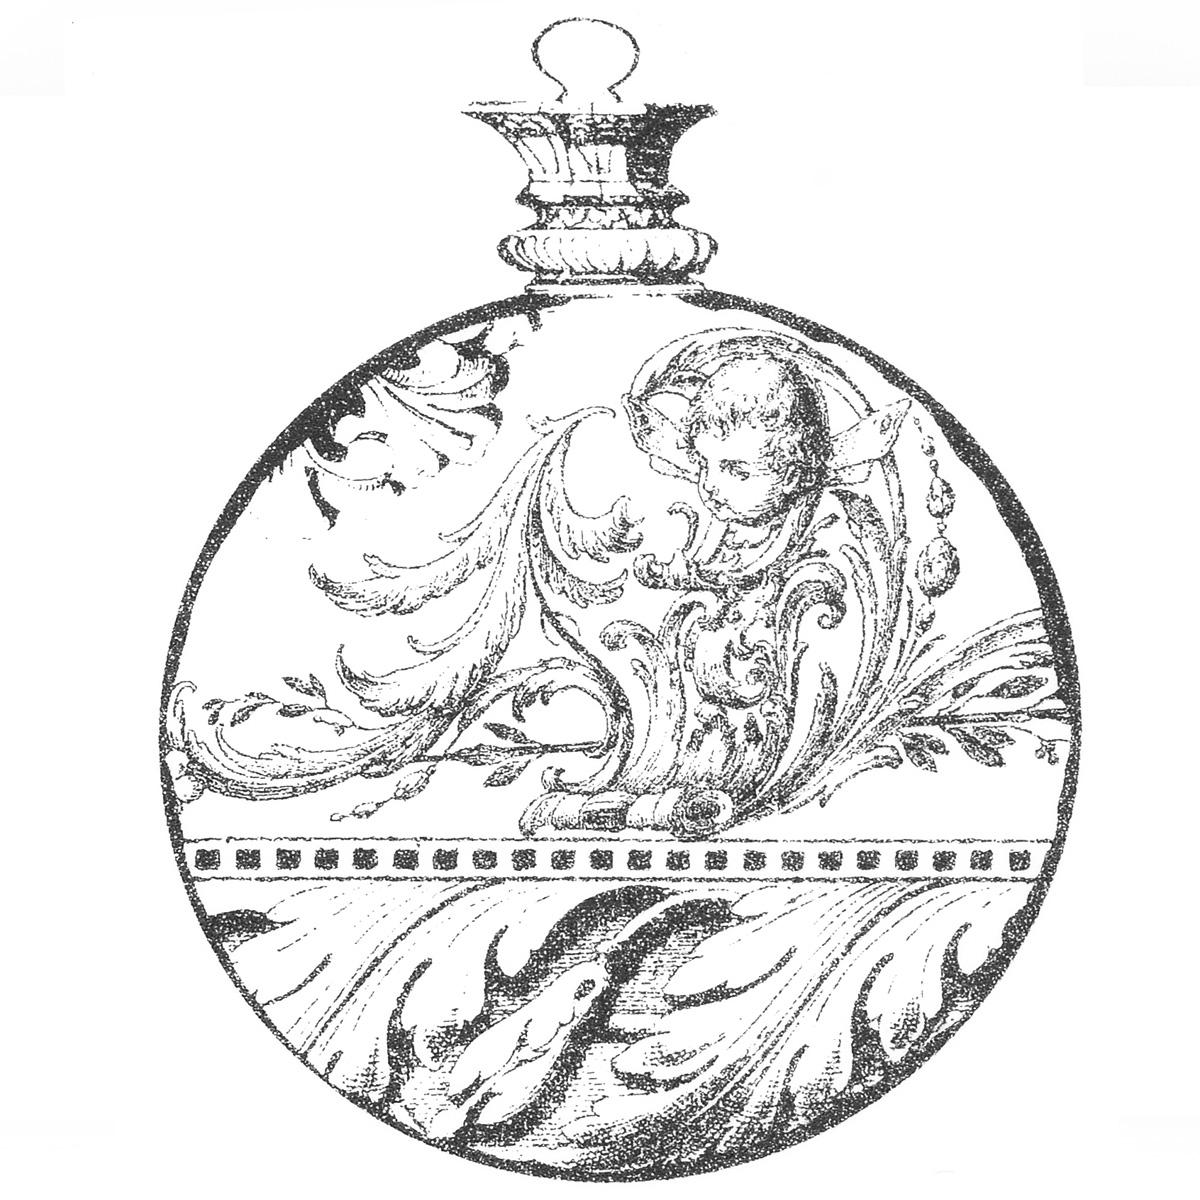 Штамп для творчества LaBlanche Round Glass OrnamentLB1358Штамп LaBlanche Round Glass Ornament, изготовленный из полимерного материала, используется для оформления творческих работ в технике скрапбукинга. Его можно использовать для украшения тетрадей, альбомов, дневников, самодельных открыток и многого другого. Скрапбукинг - это хобби, которое способно приносить массу приятных эмоций не только человеку, который занимается скрапбукингом, но и его близким, друзьям, родным. Это невероятно увлекательное занятие, которое поможет вам сохранить наиболее памятные и яркие моменты вашей жизни для вас и даже ваших потомков. Размер оттиска: 8,2 см х 6 см. Размер штампа: 9,7 см х 7 см.